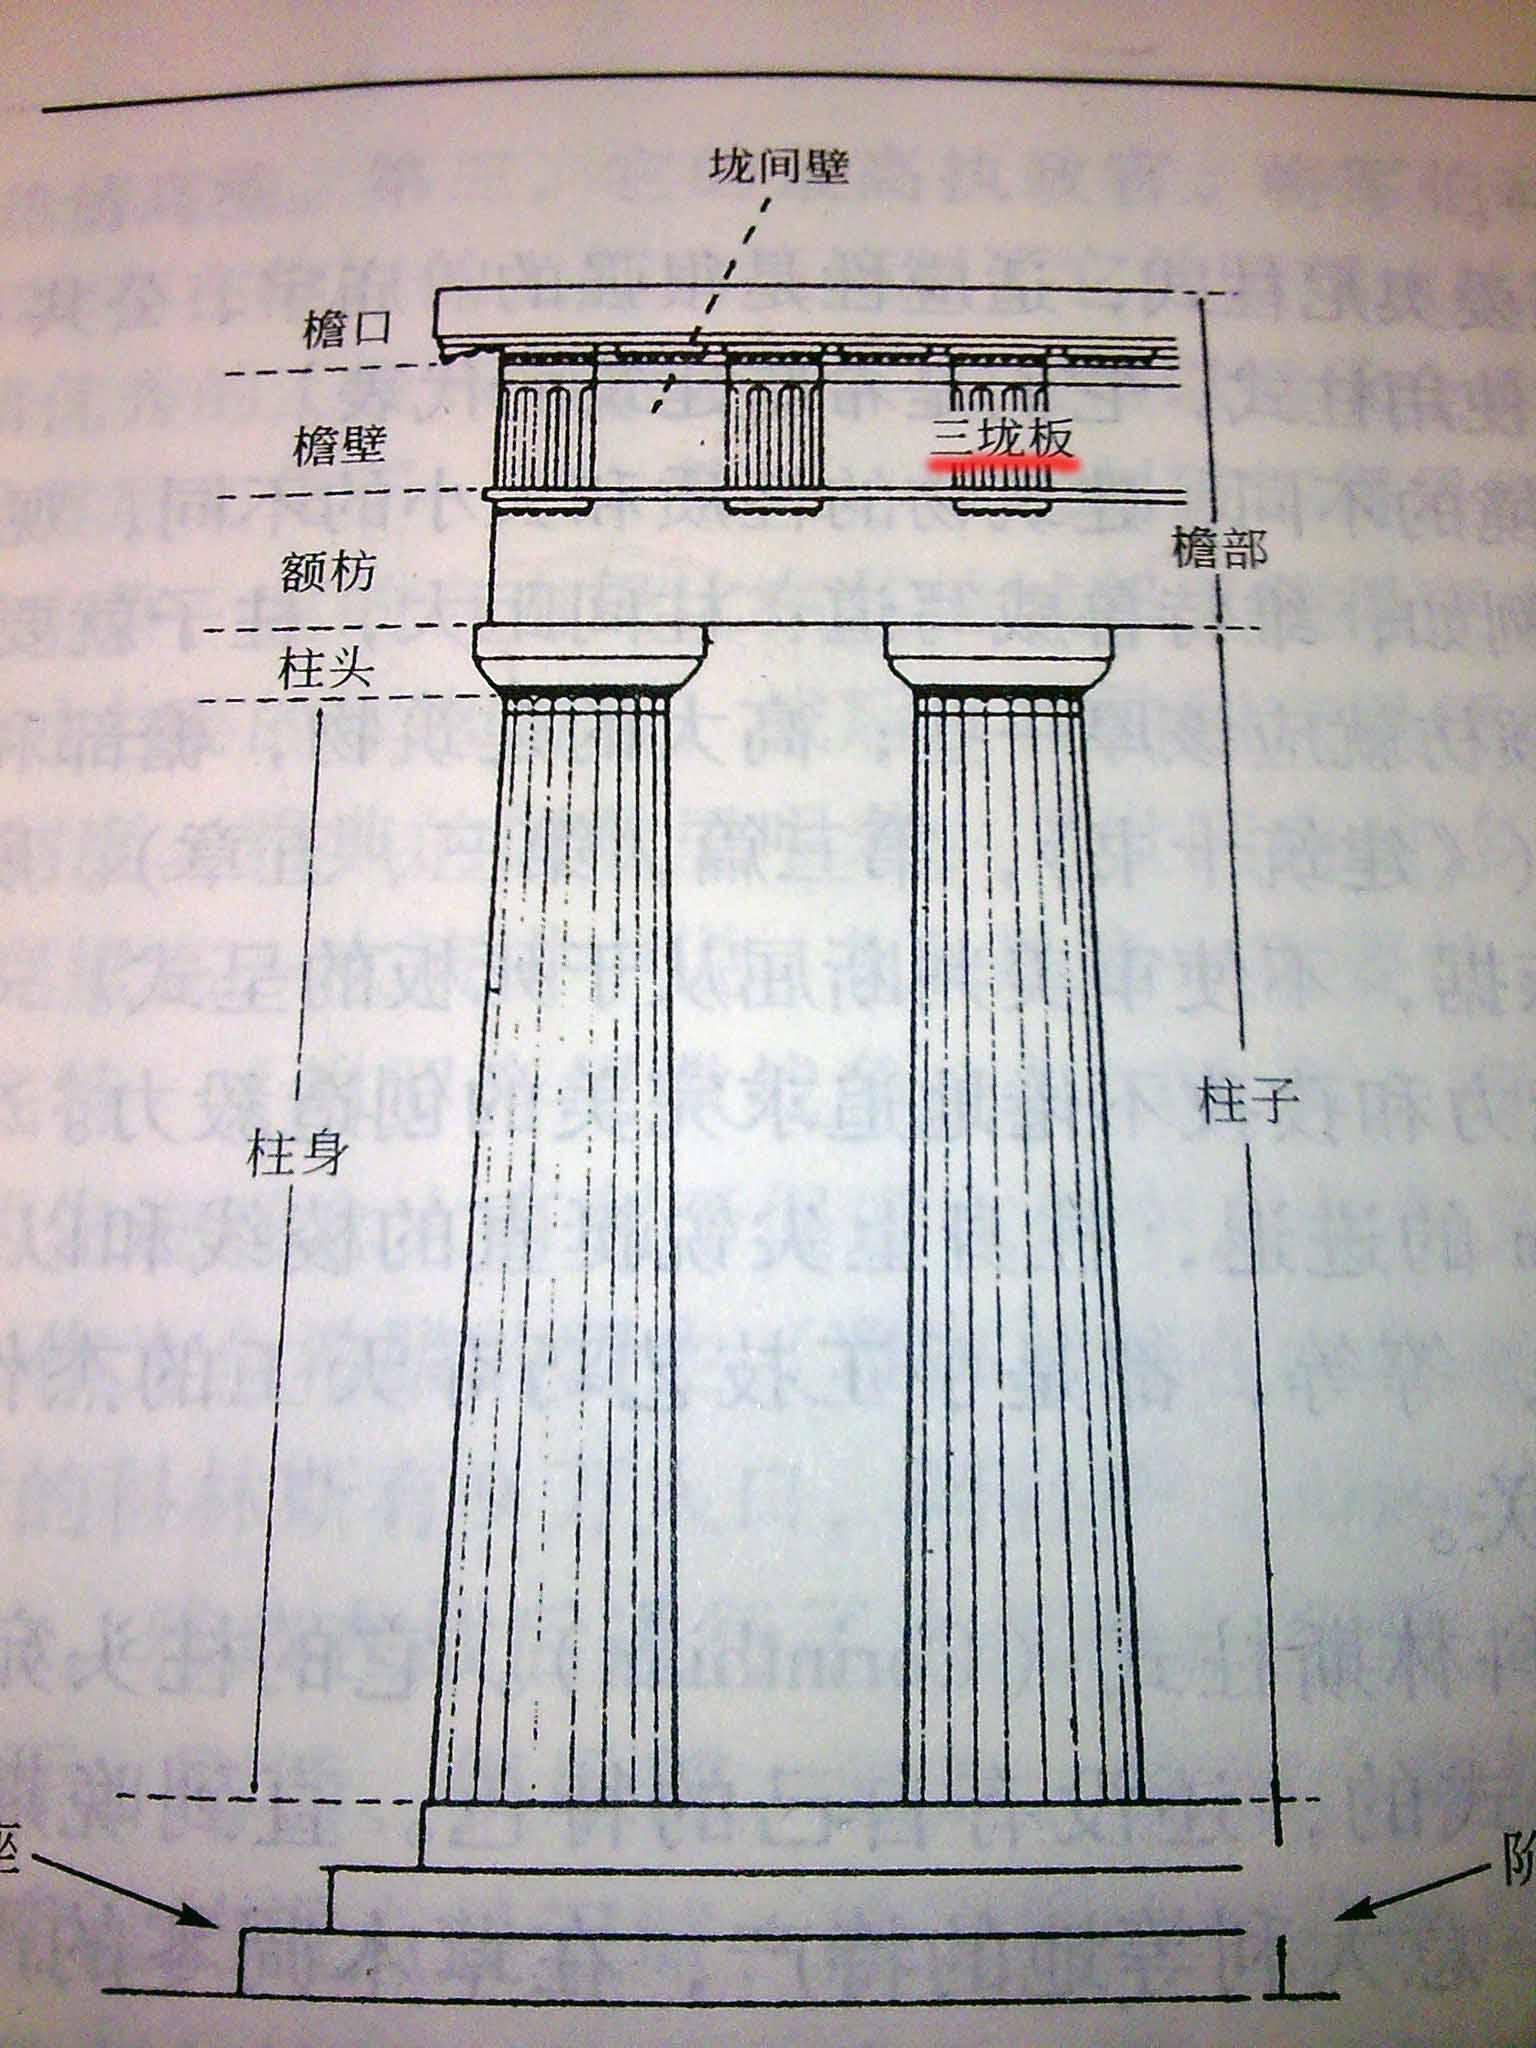 希腊柱式 多立克柱式,上边有个叫三垅板的部分,什么是三垅板?图片